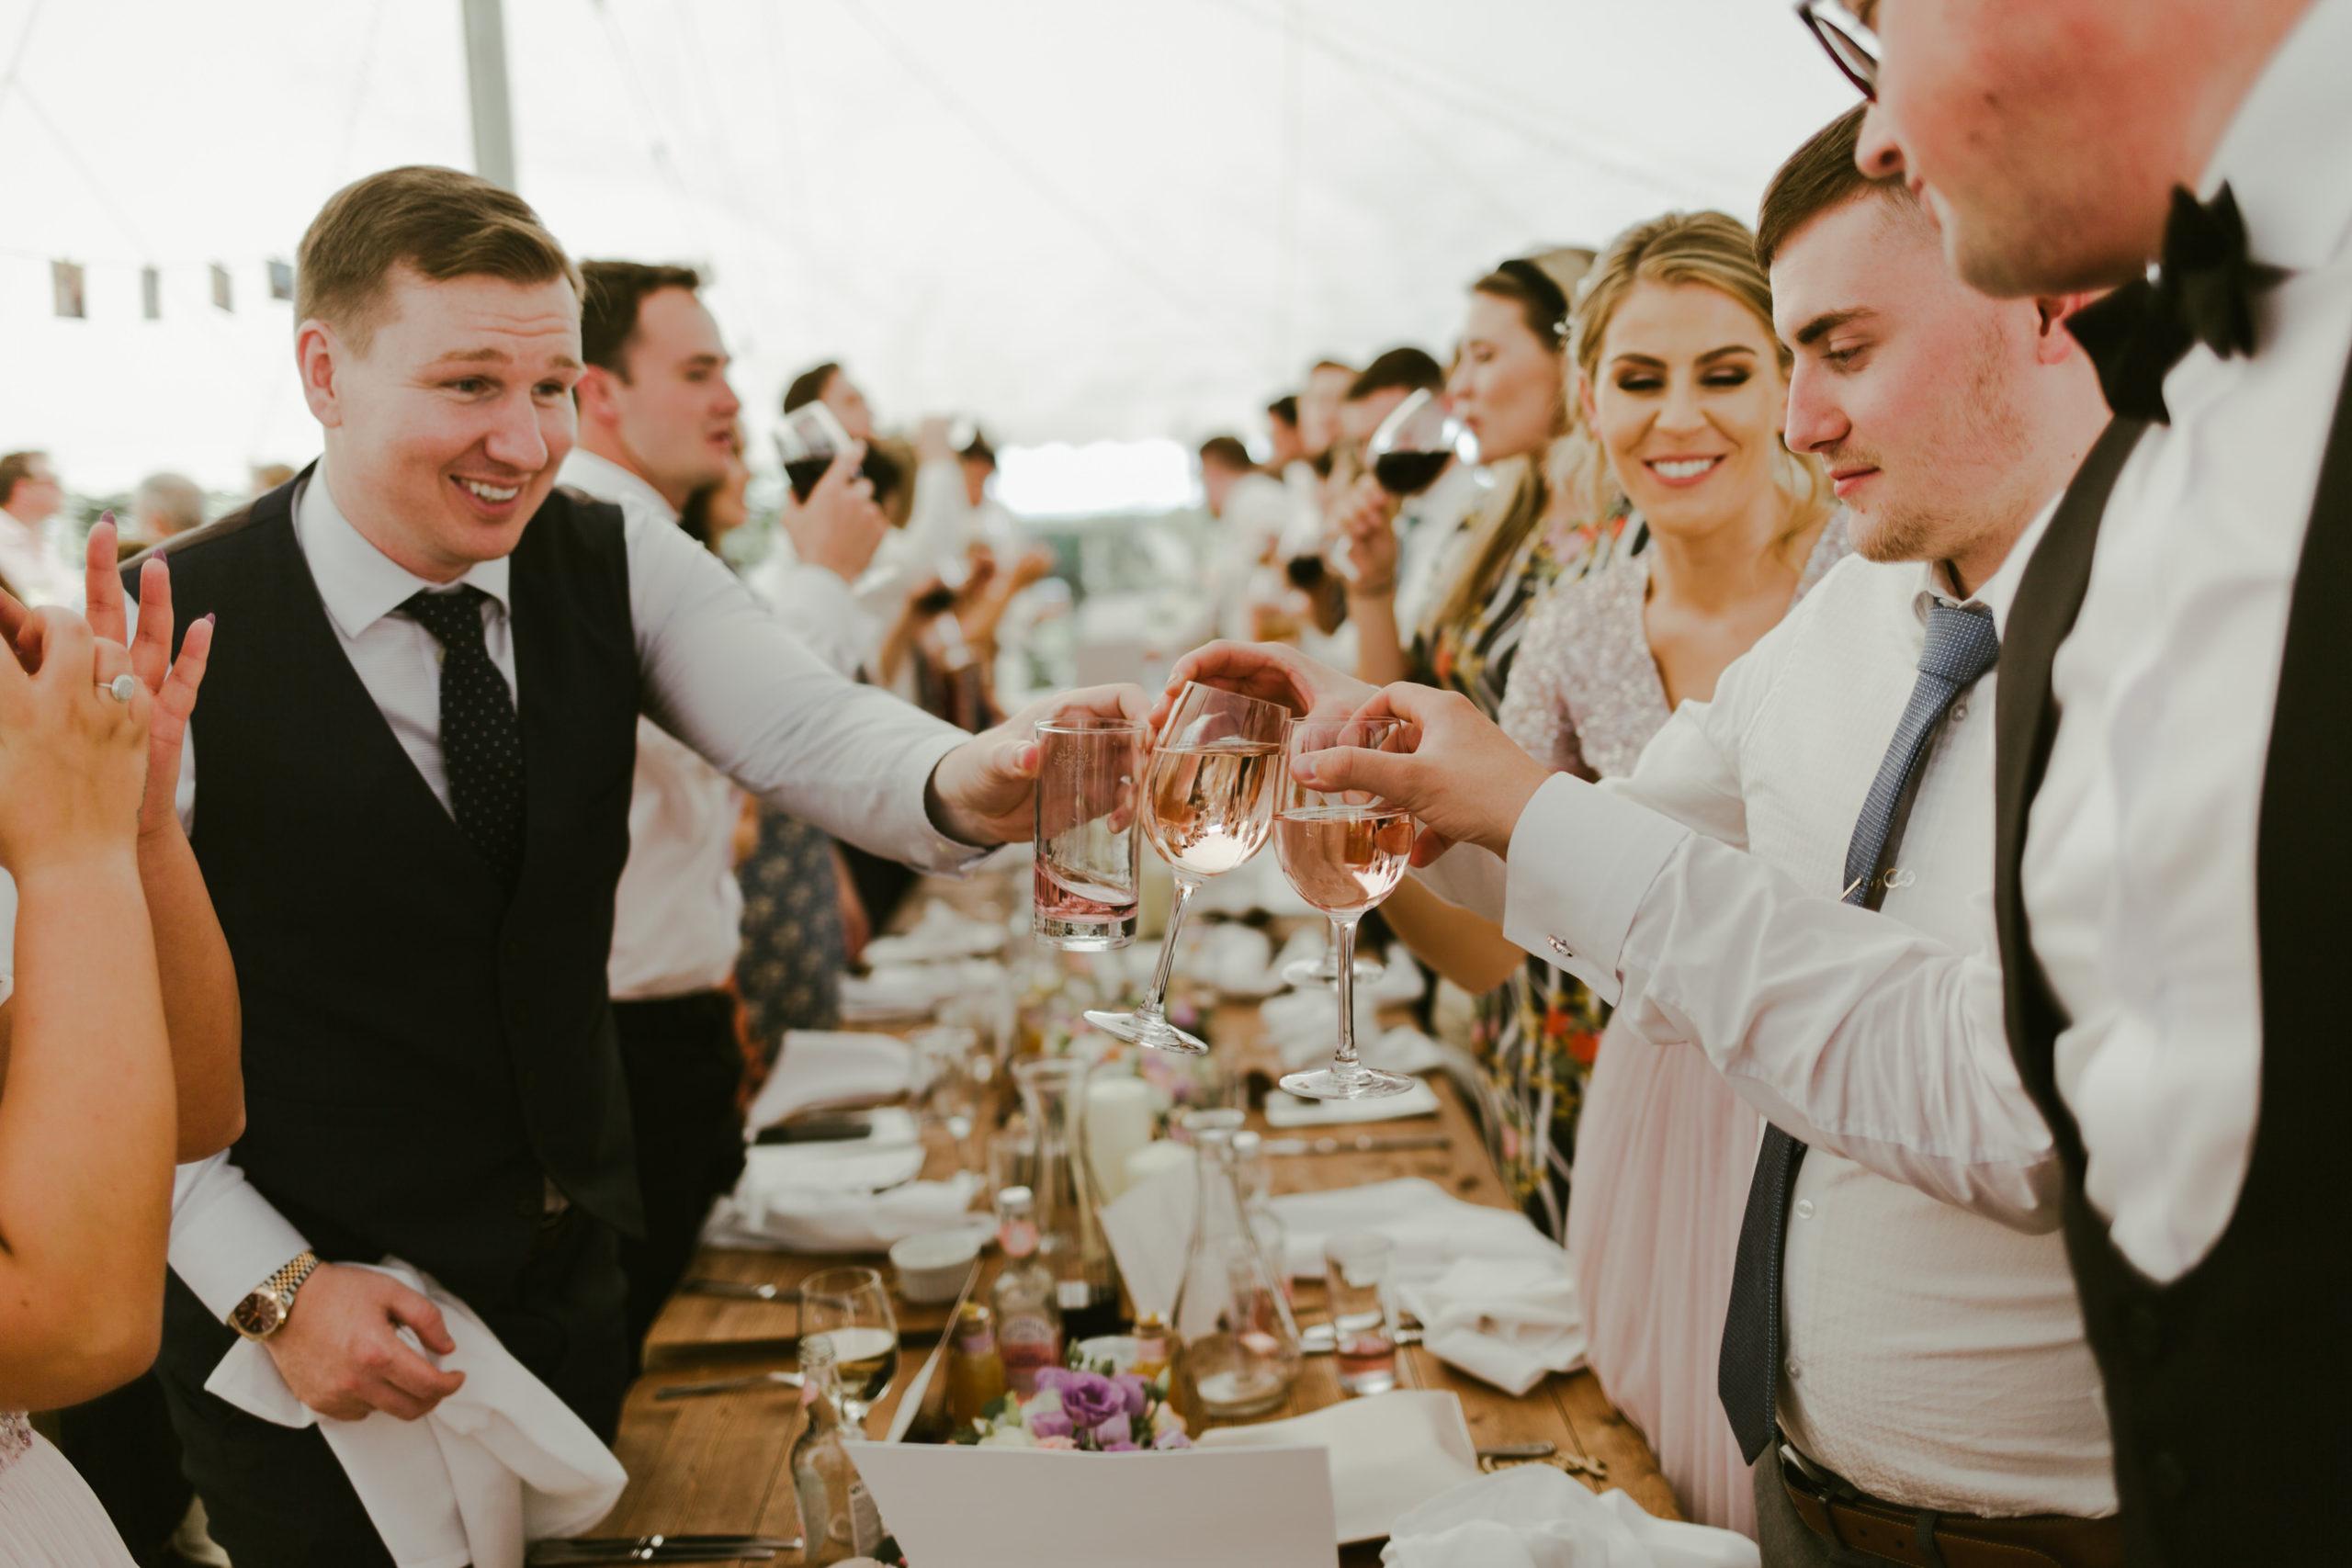 summer wedding back garden party marquee speeches toast